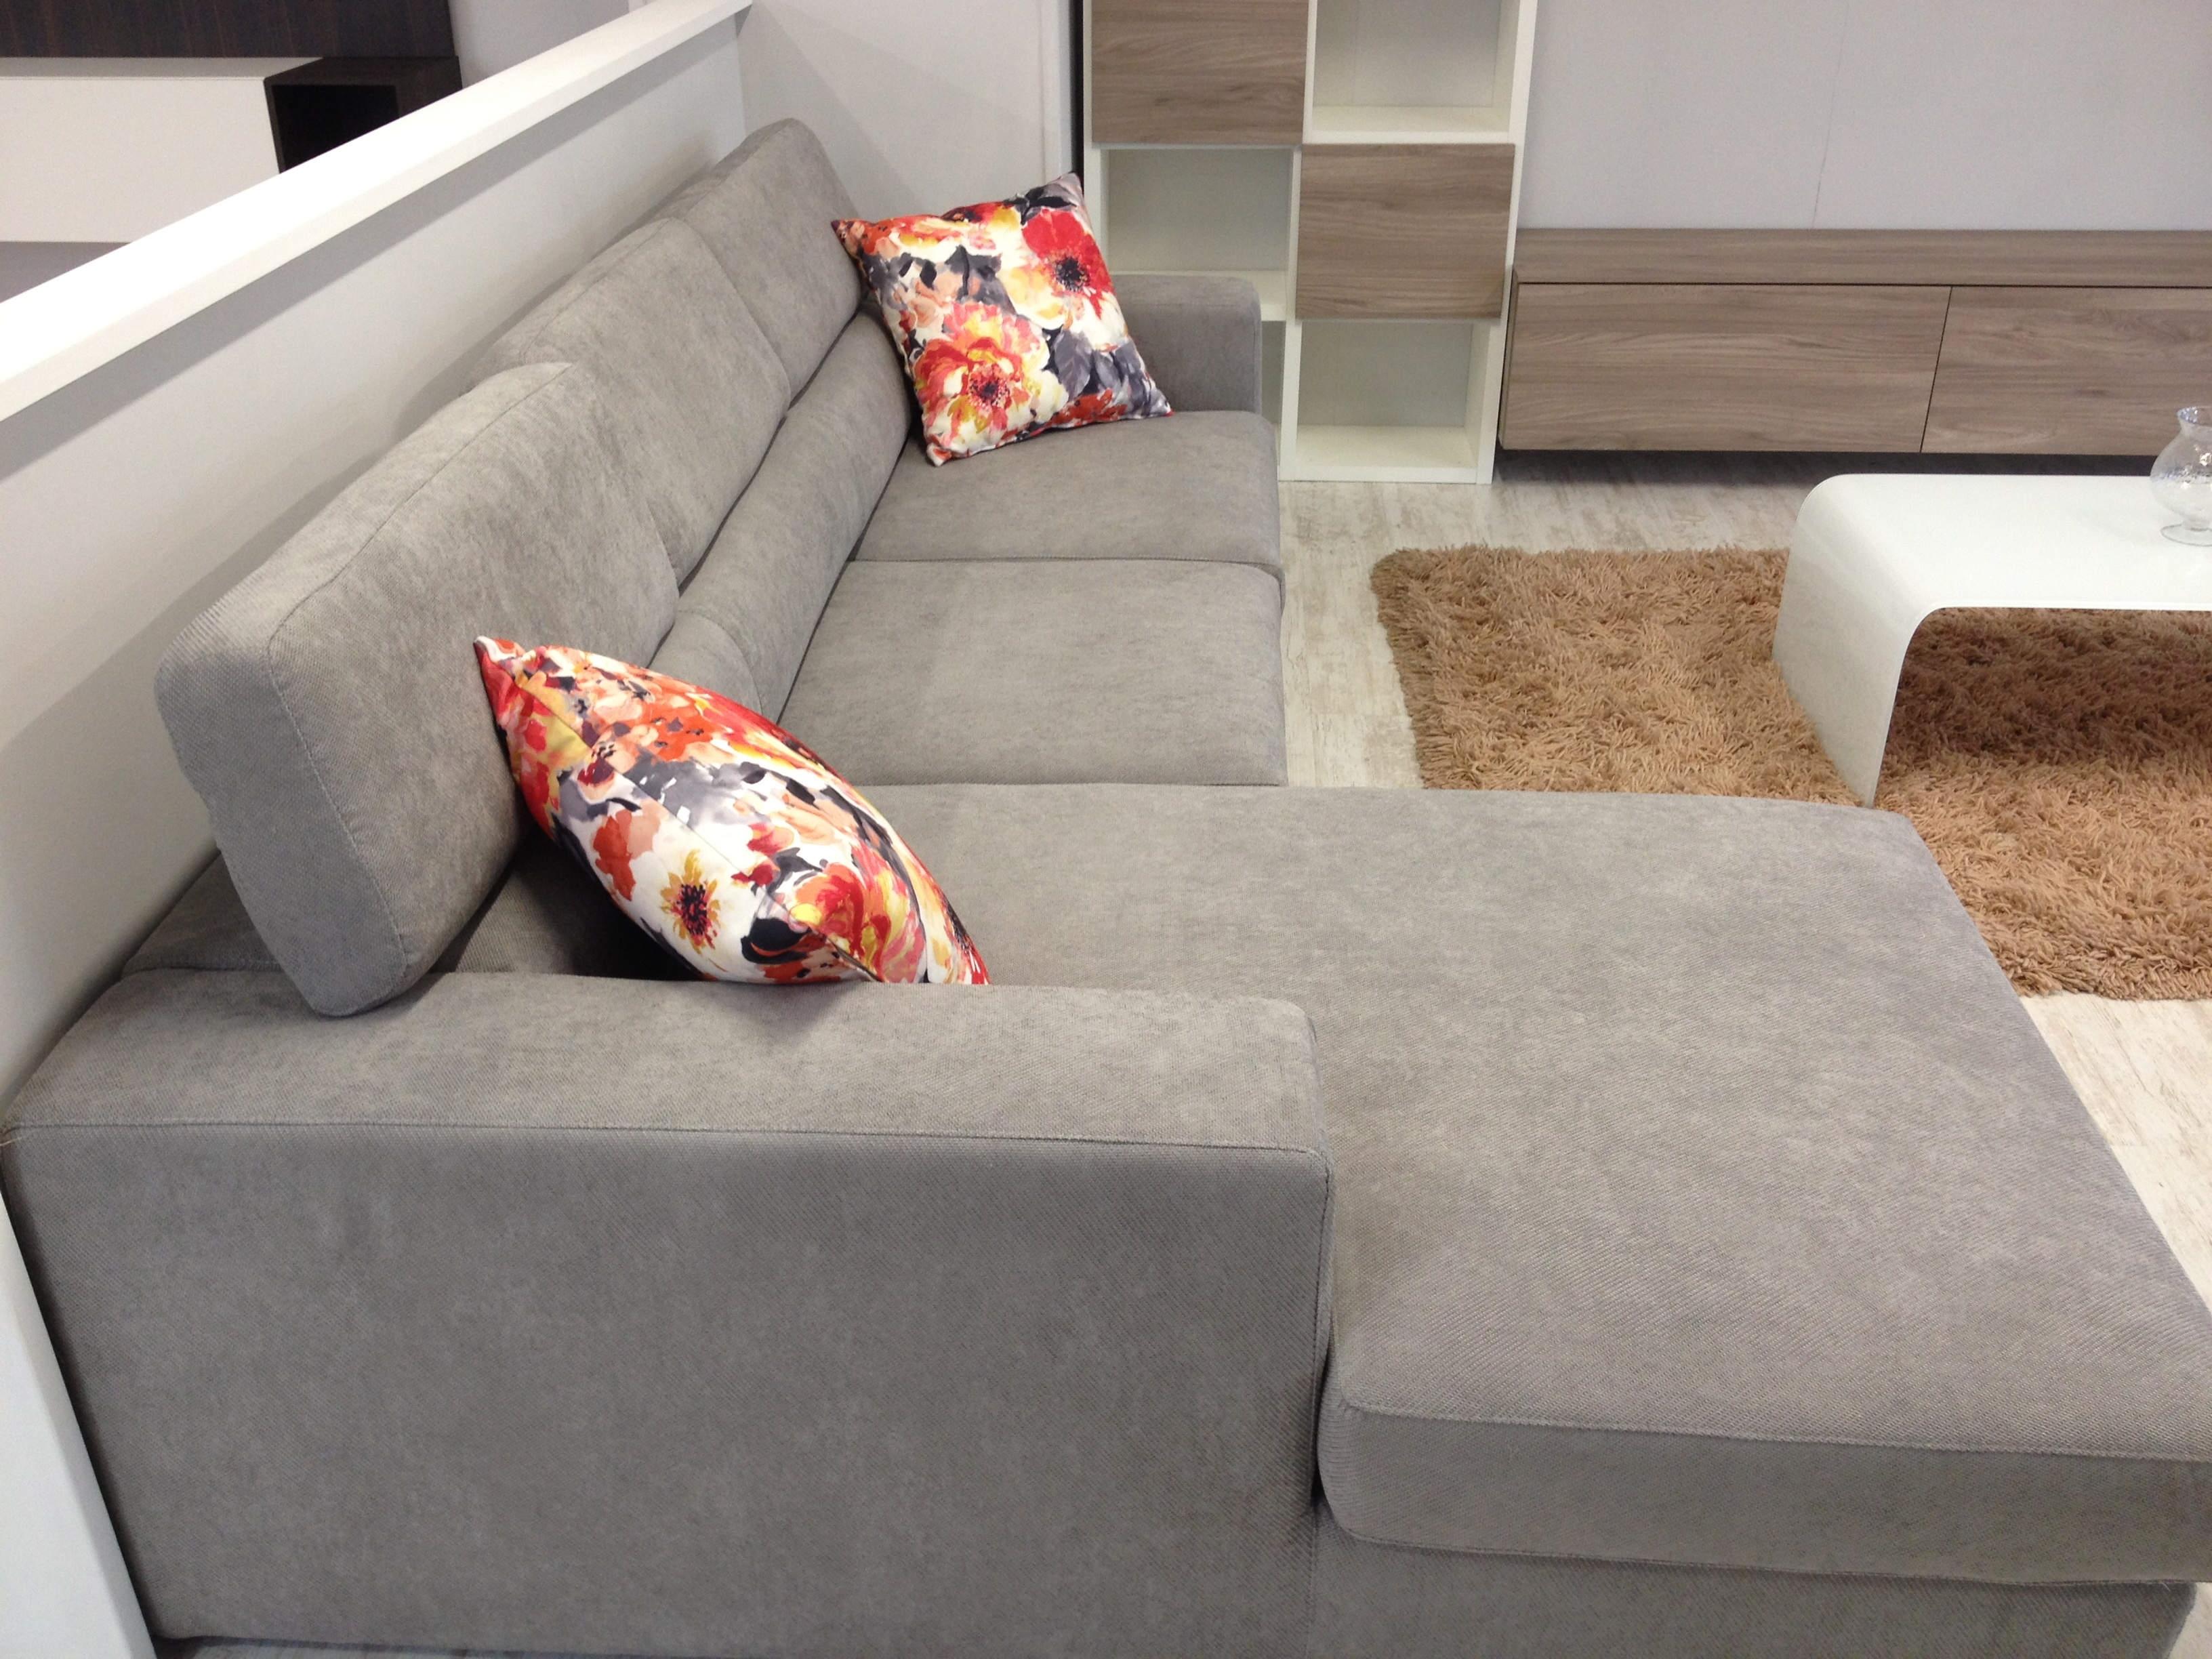 Divano Angolare Elogio Del Comfort: Victor divano angolare con ...